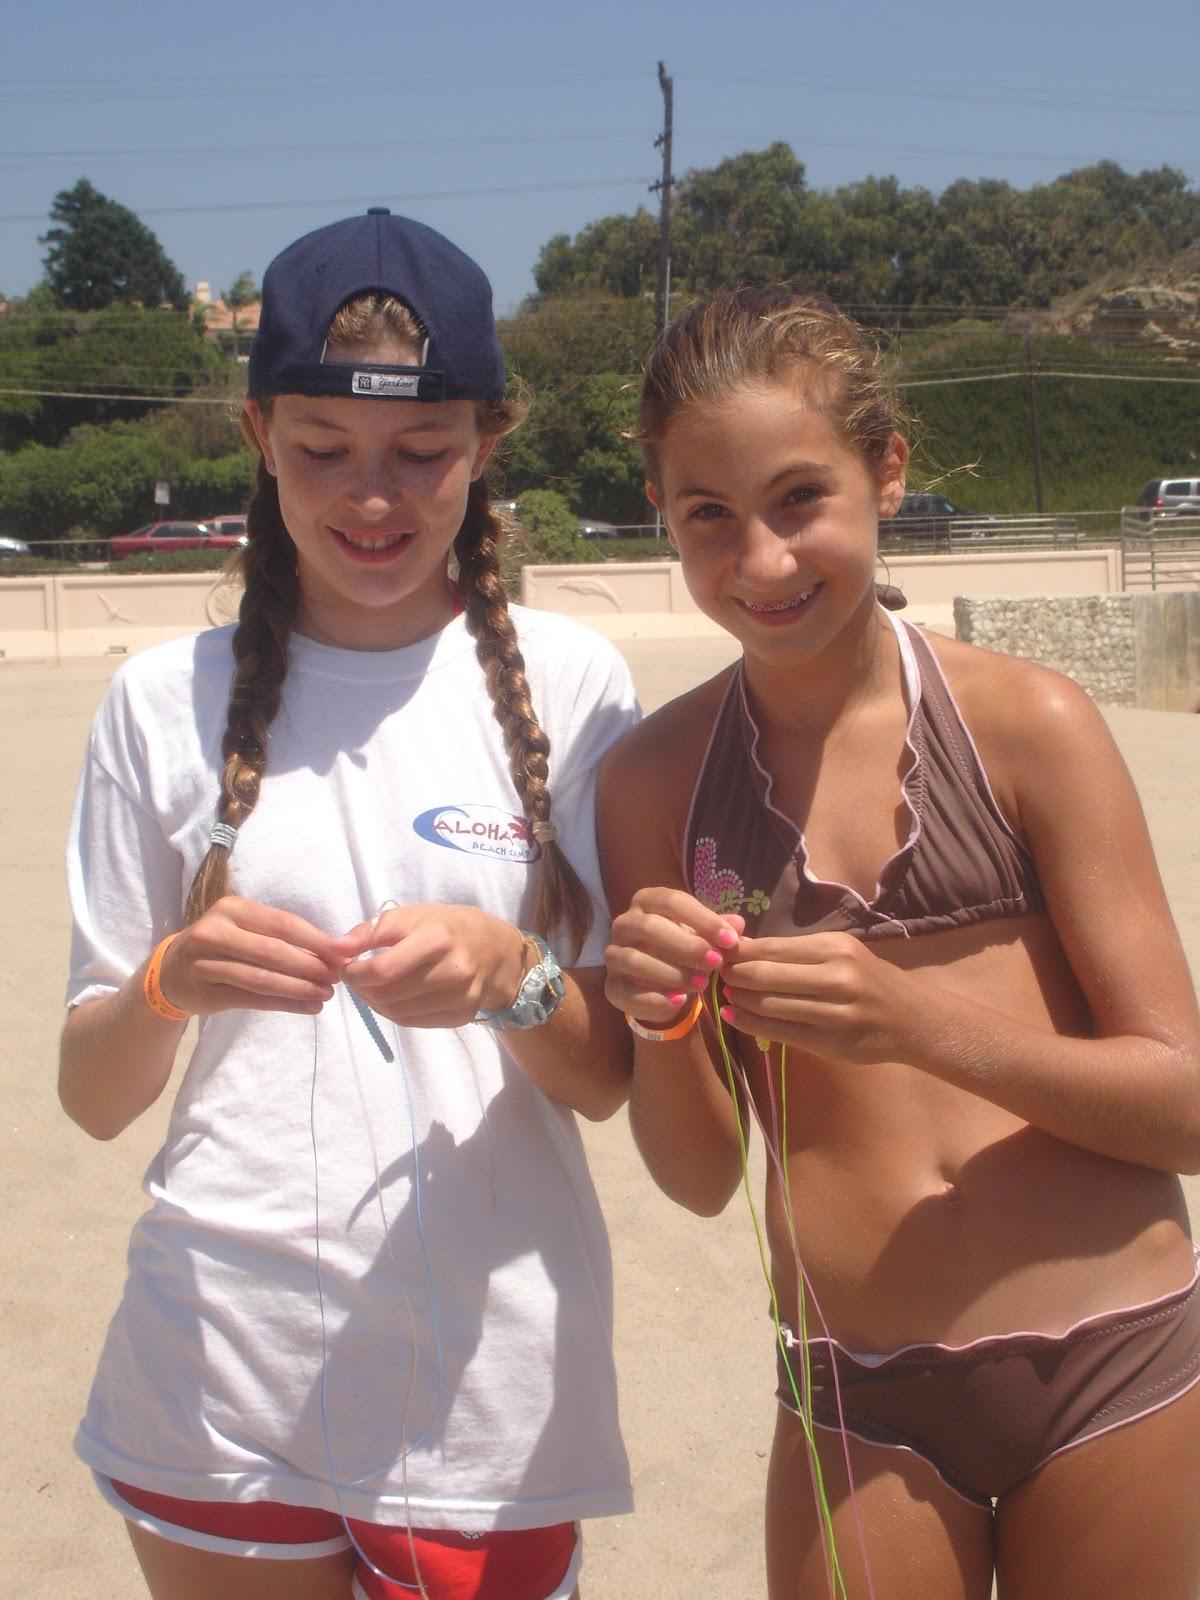 Summer camp bikinis #5